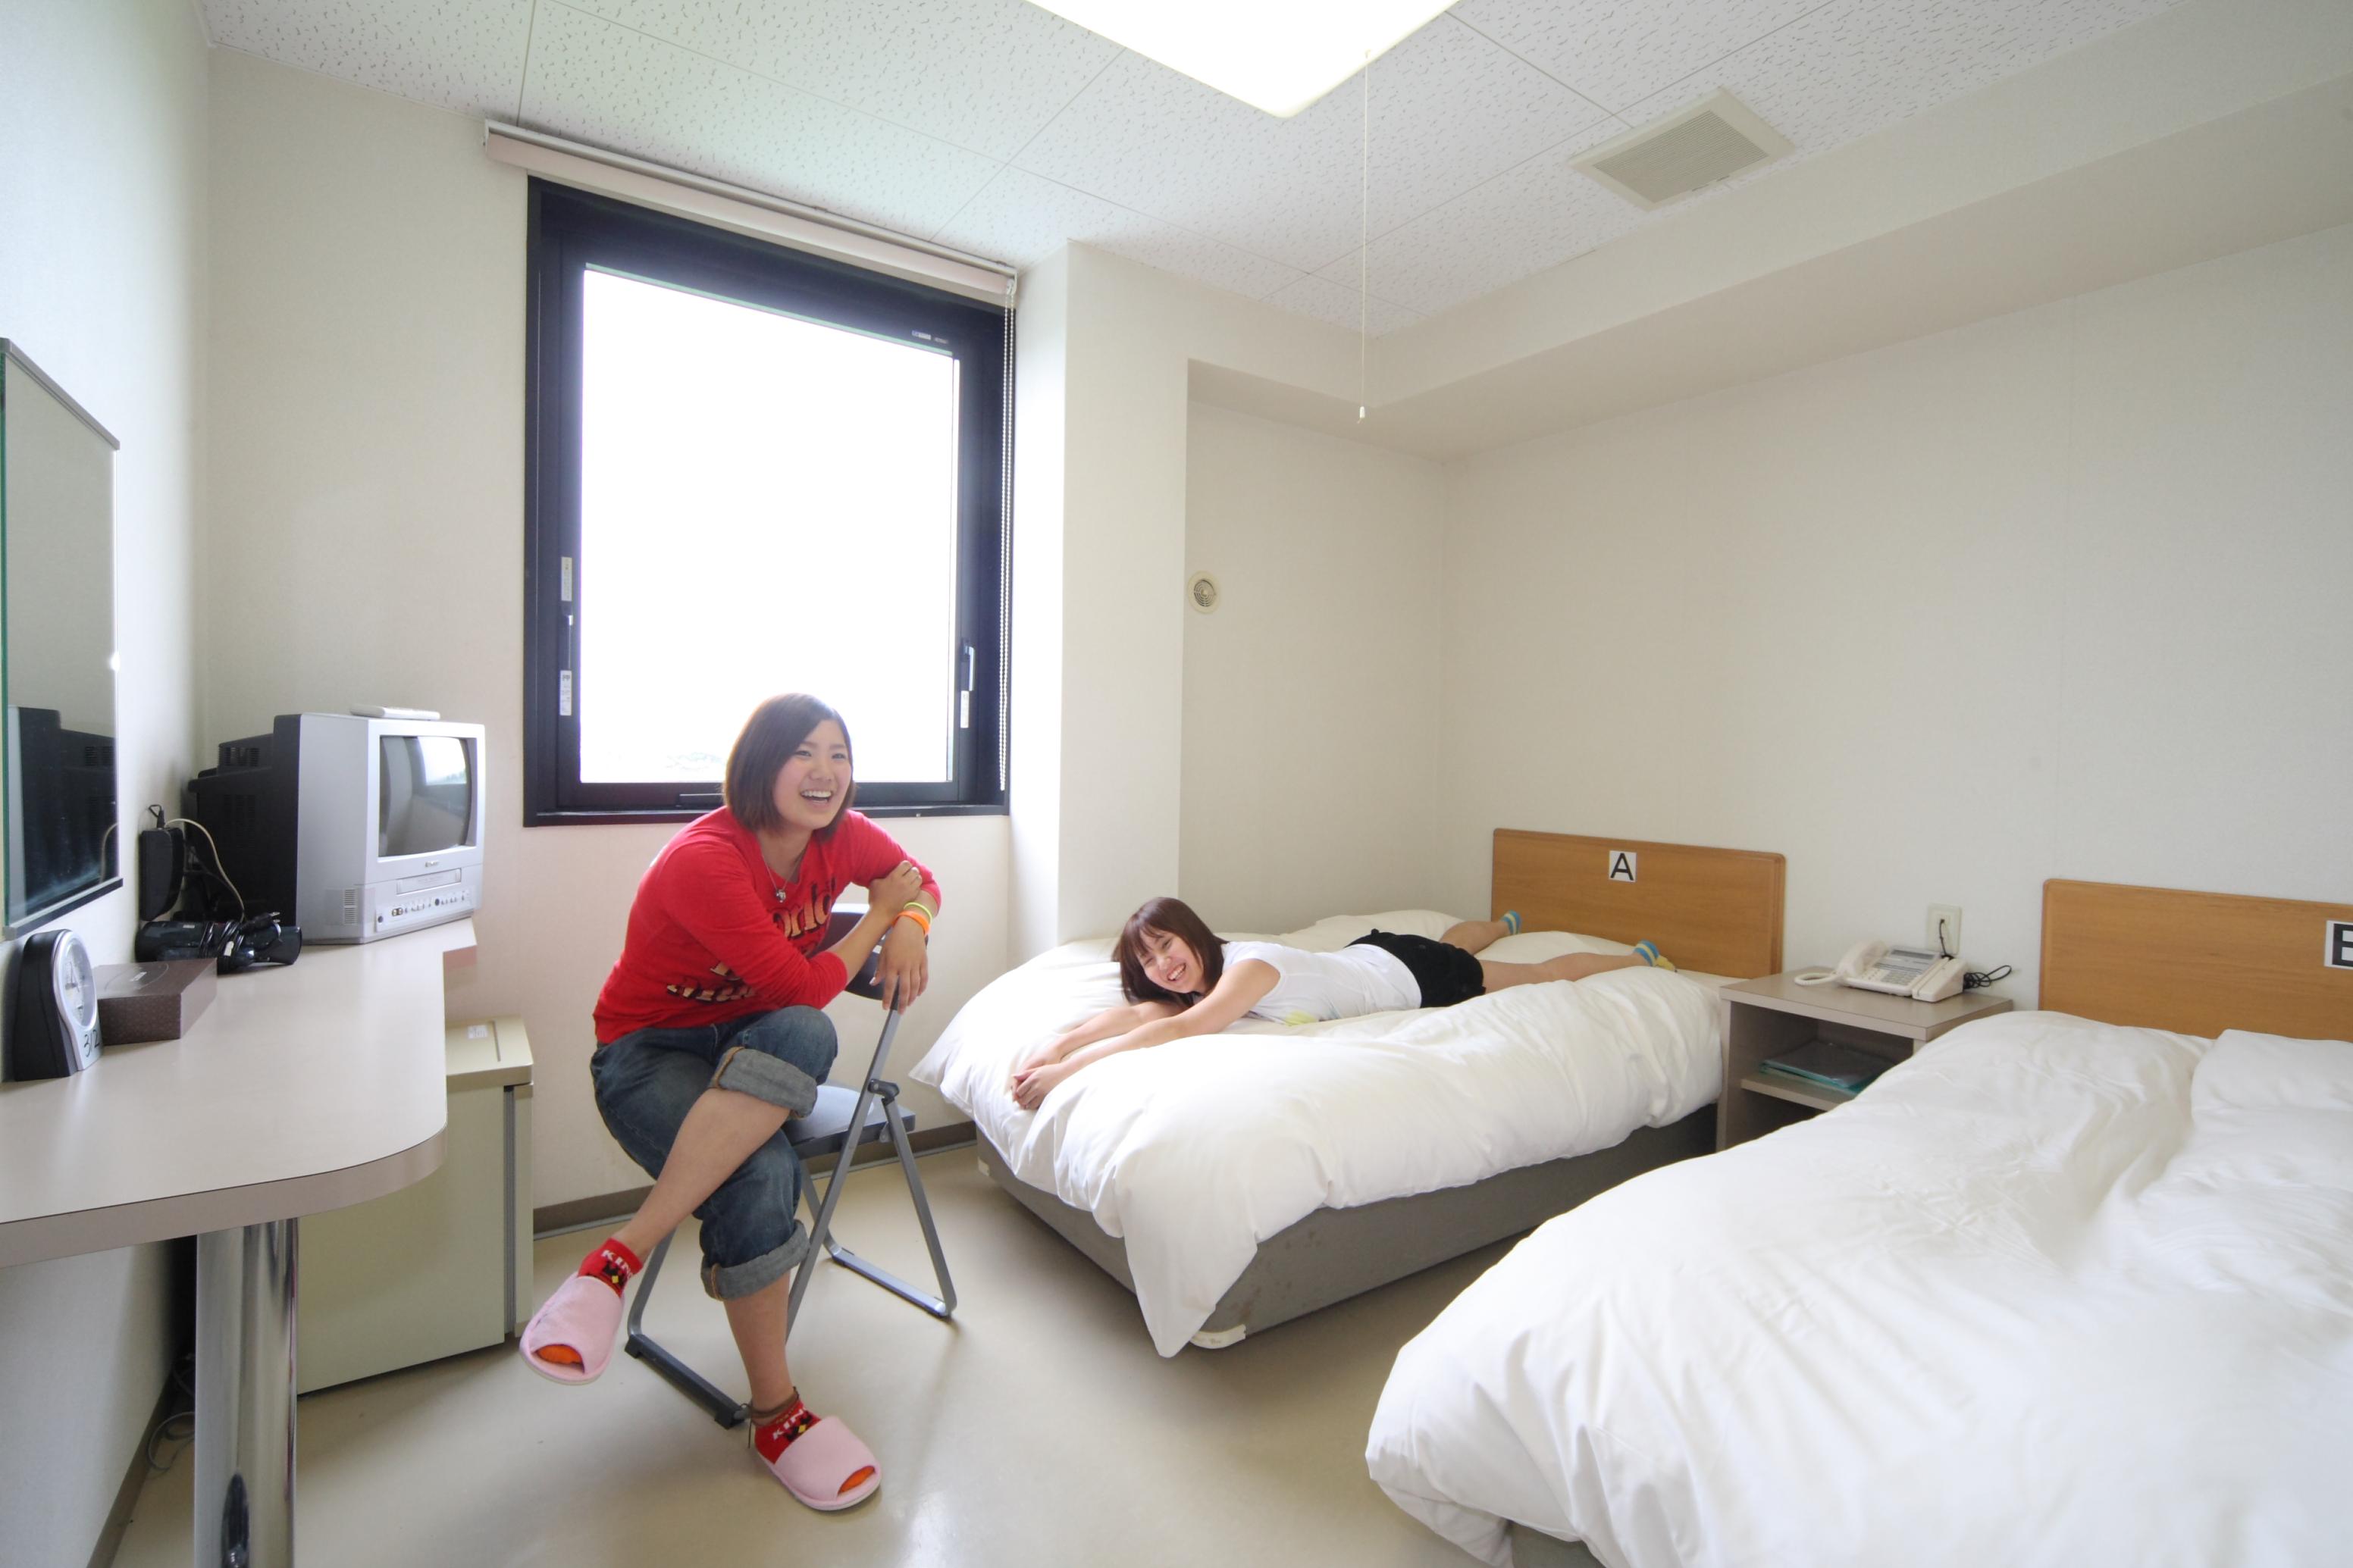 白根中央自動車学校の宿泊施設詳細